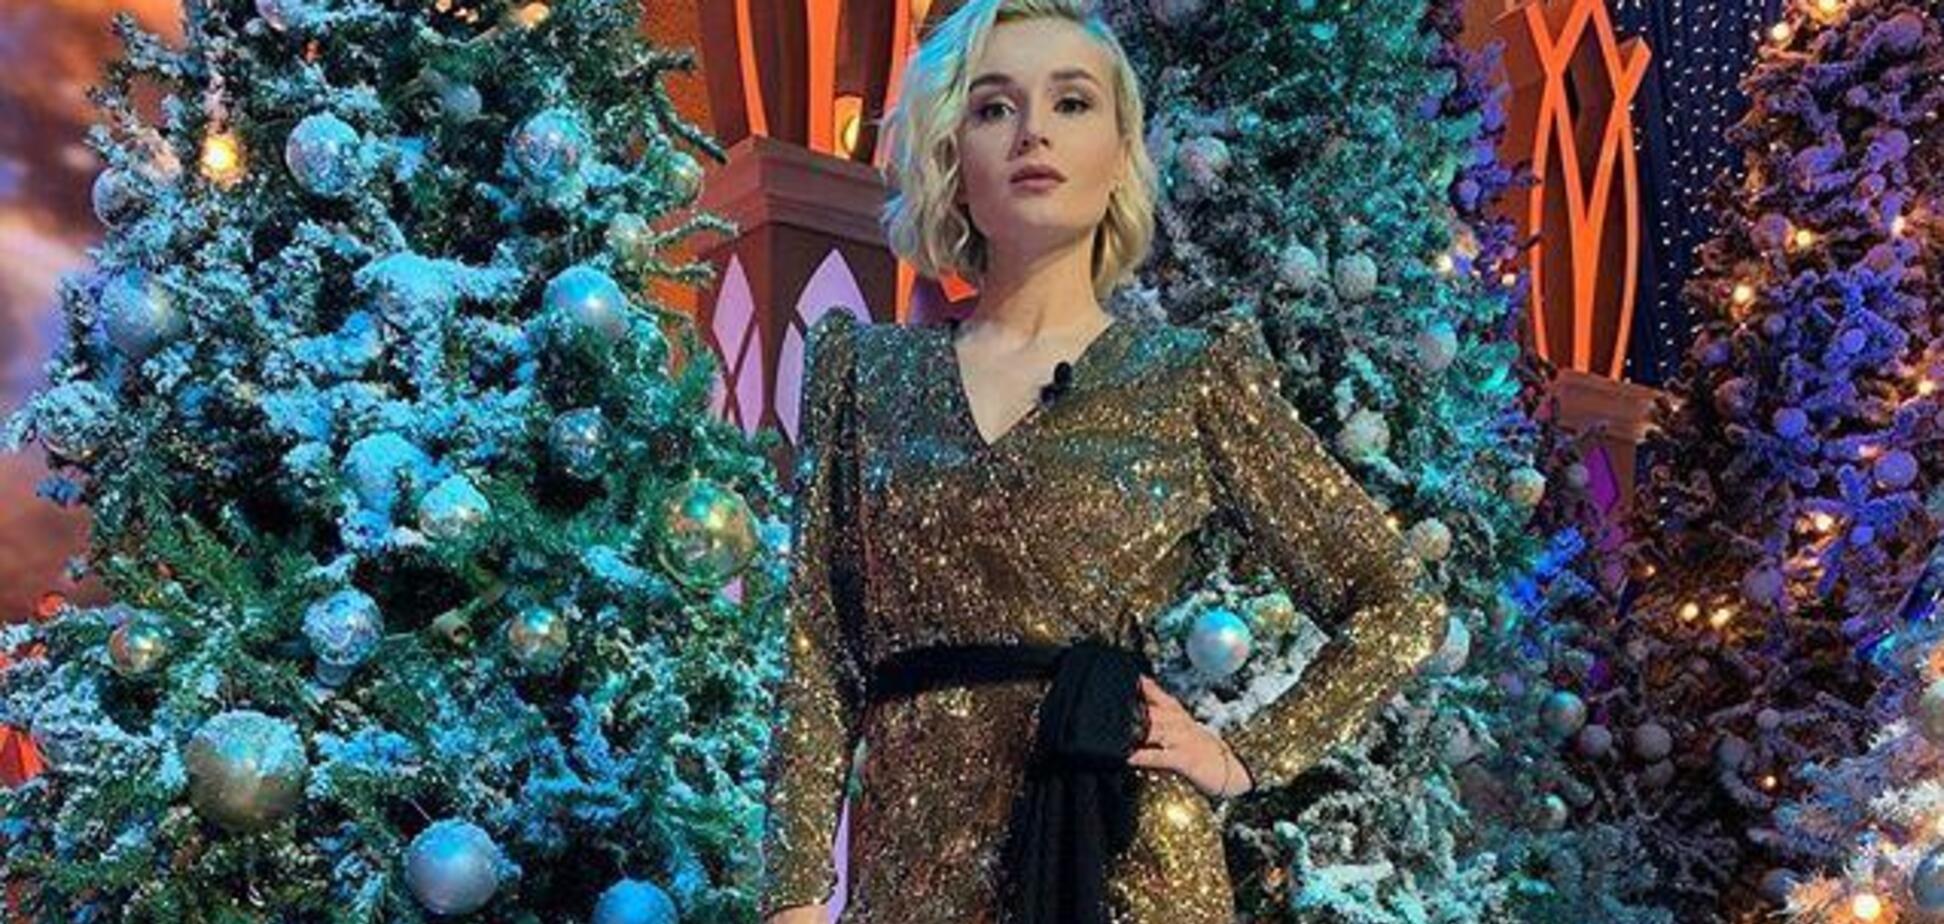 Названы гонорары российских звезд в новогоднюю ночь: кто самый дорогой